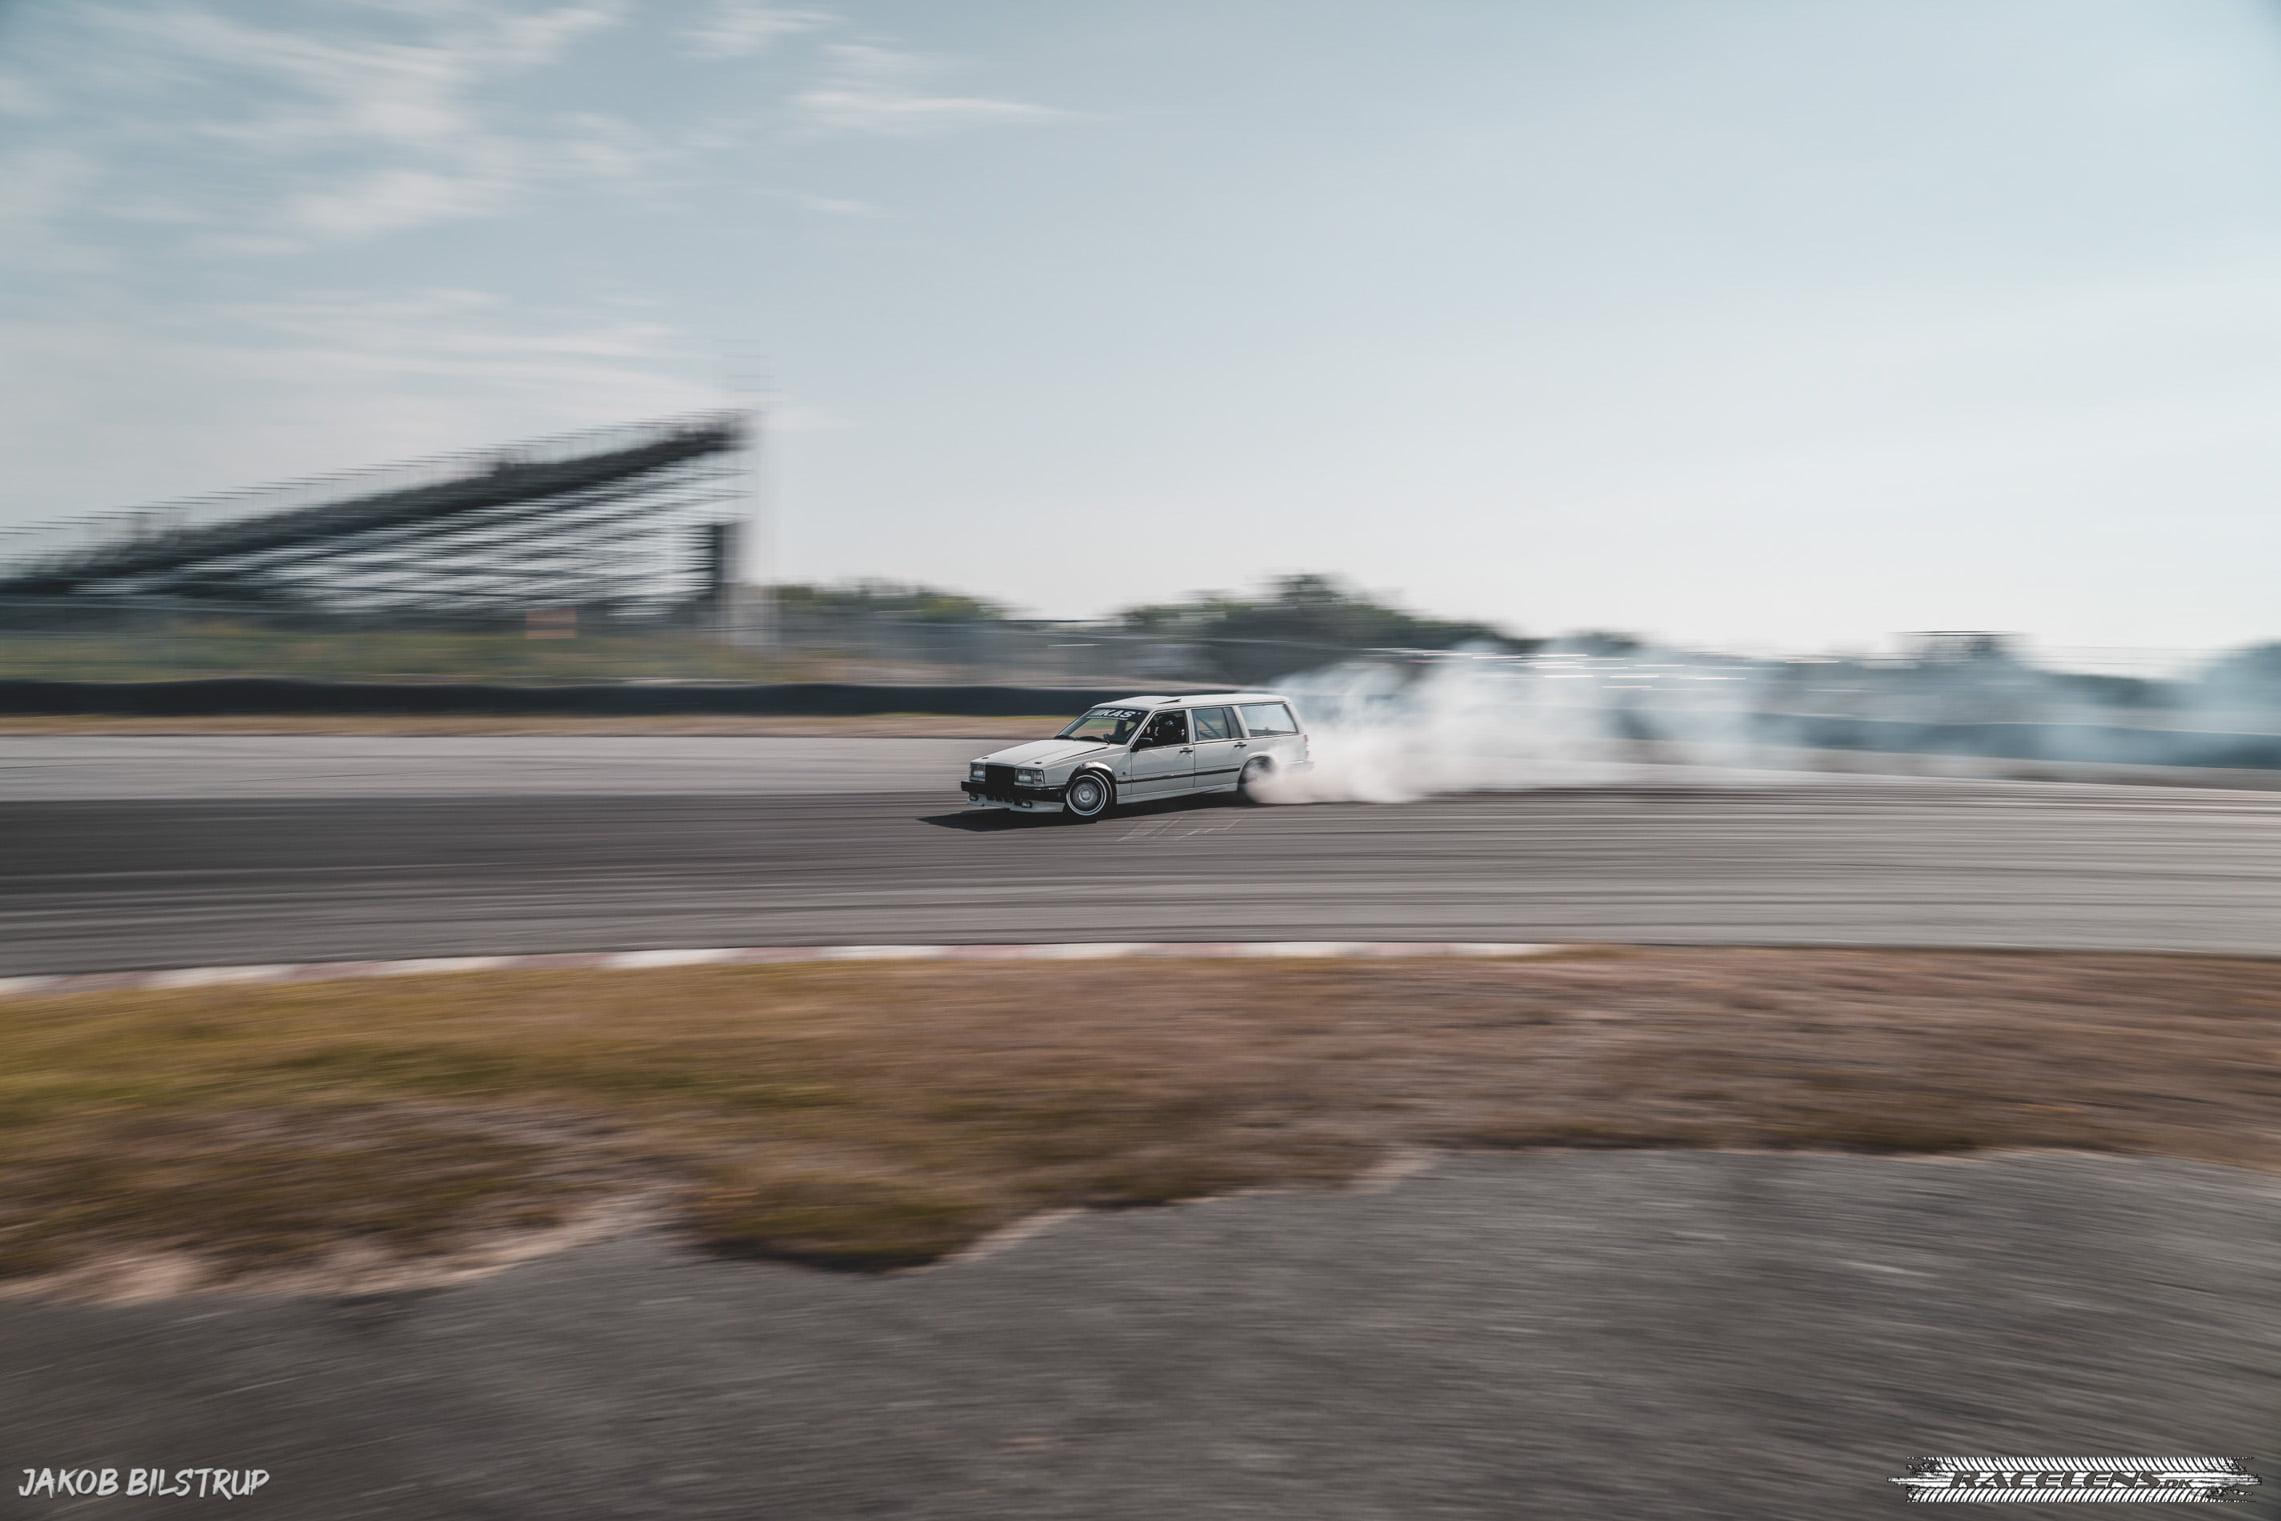 MKÖ,Drift,Sturup Raceway, Racelens